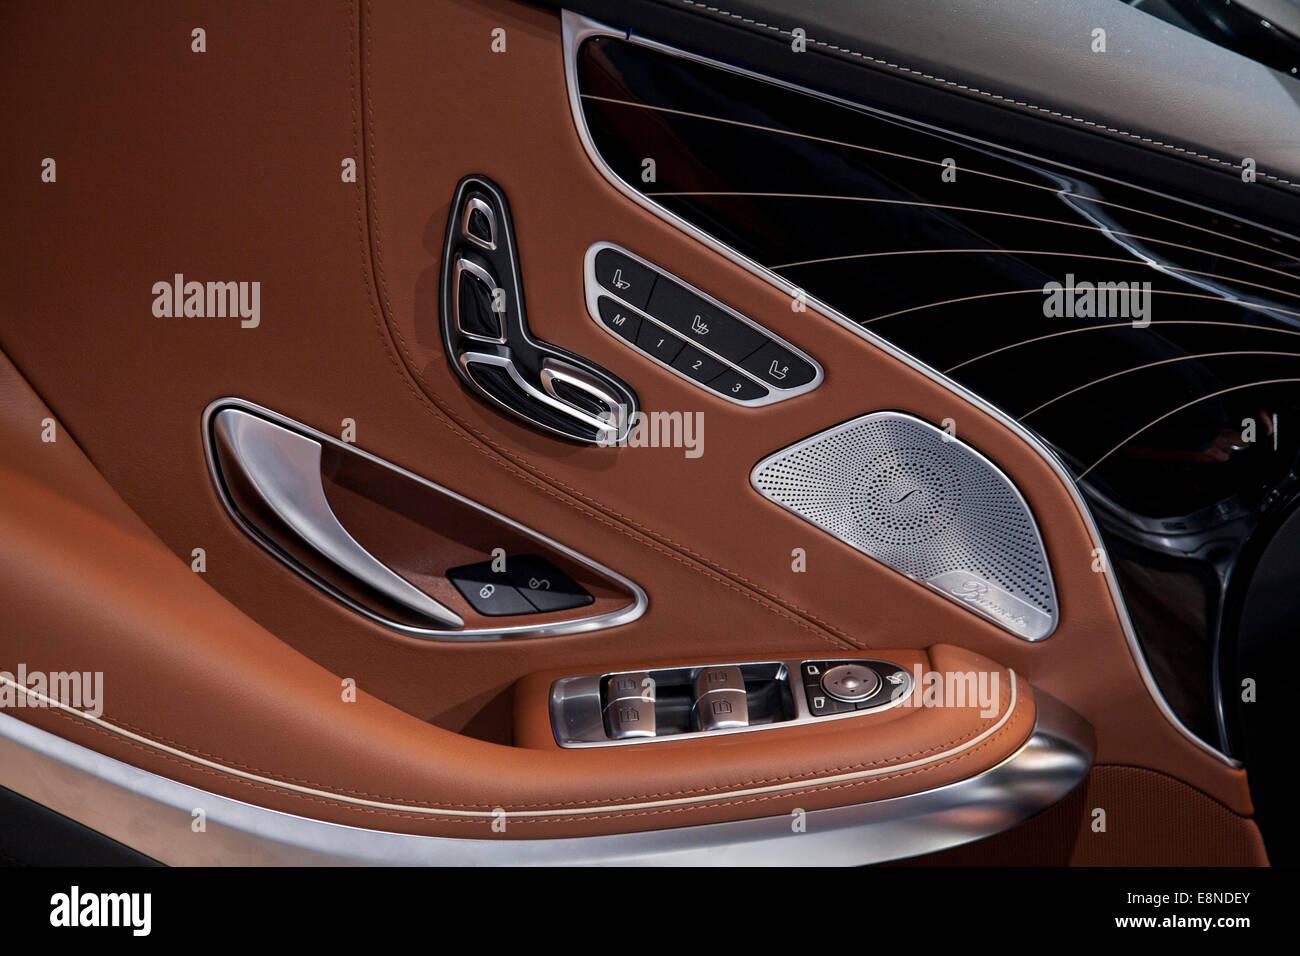 Mercedes S Class door Paris Motor Show Mondial de l'Automobile 2014 - Stock Image